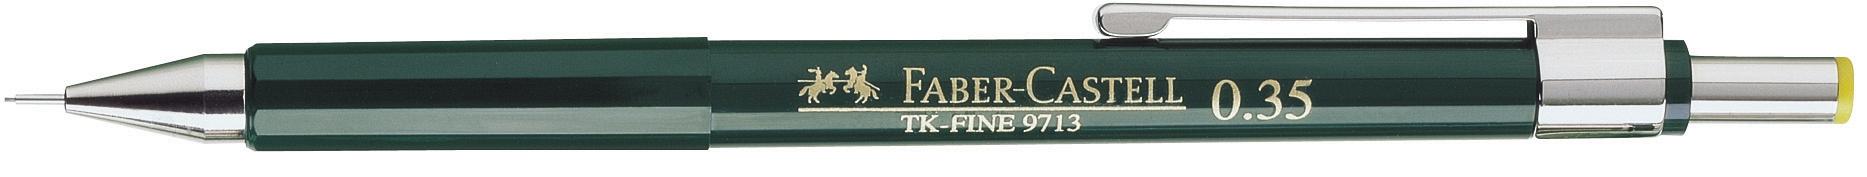 Faber-Castell Druckbleistift TK® FINE 9713 0,35mm